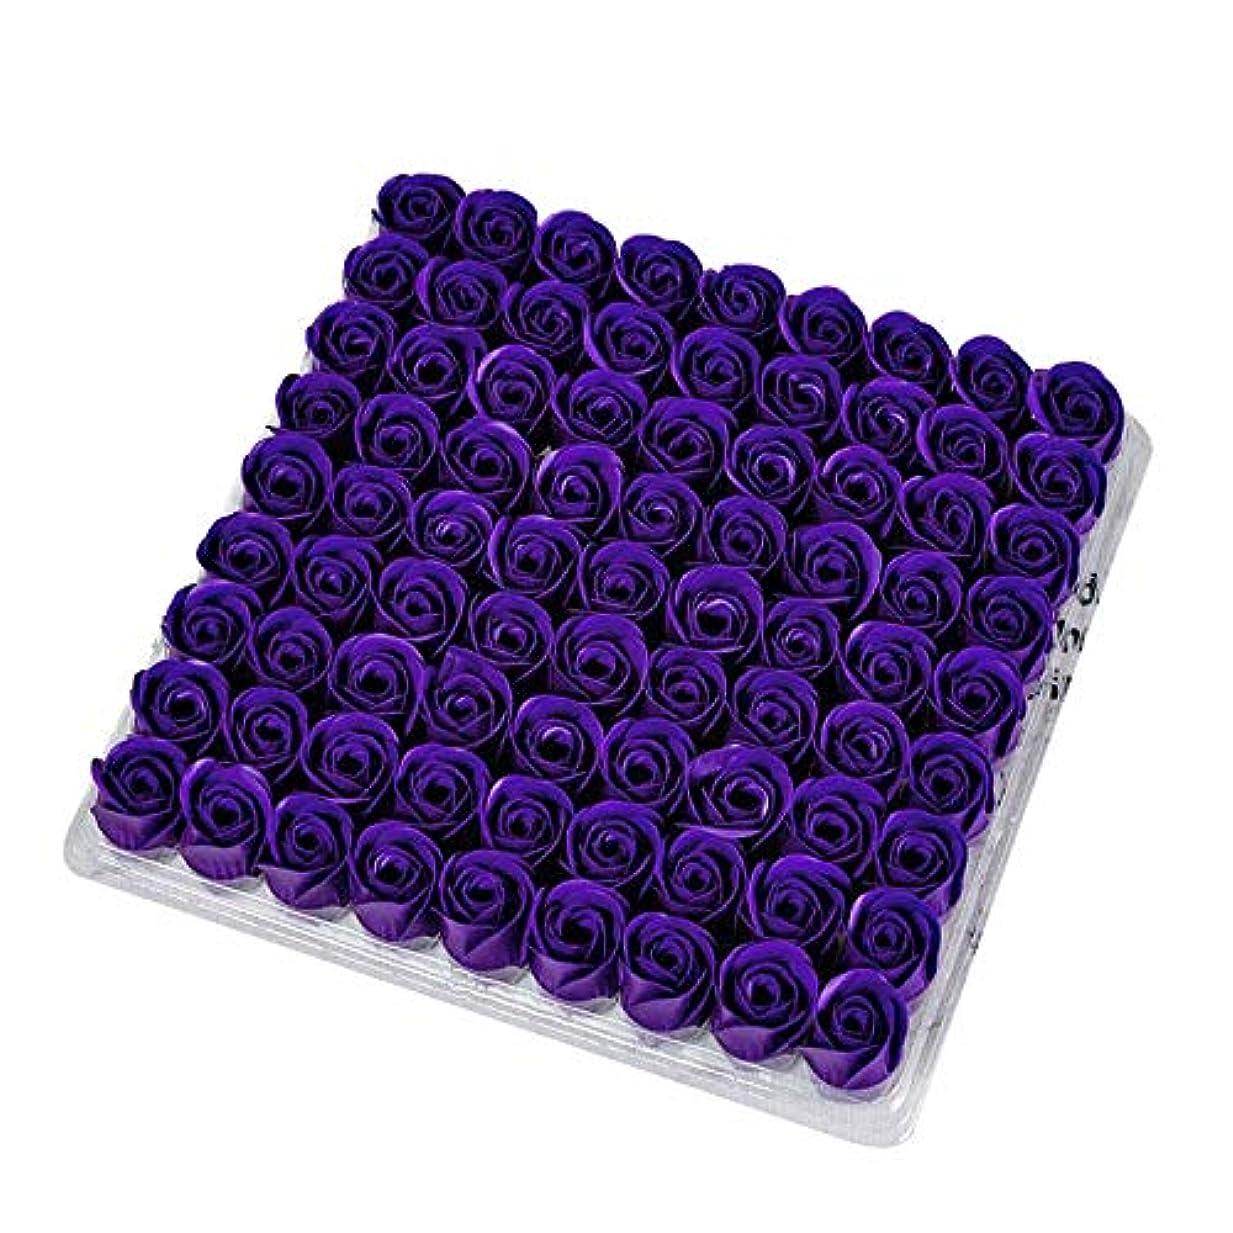 同志しわなしでCUHAWUDBA 81個の薔薇 フローラルの石けん 香りのよいローズフラワー エッセンシャルオイル フローラルのお客様への石鹸 ウェディング、パーティー、バレンタインデーの贈り物、紫色